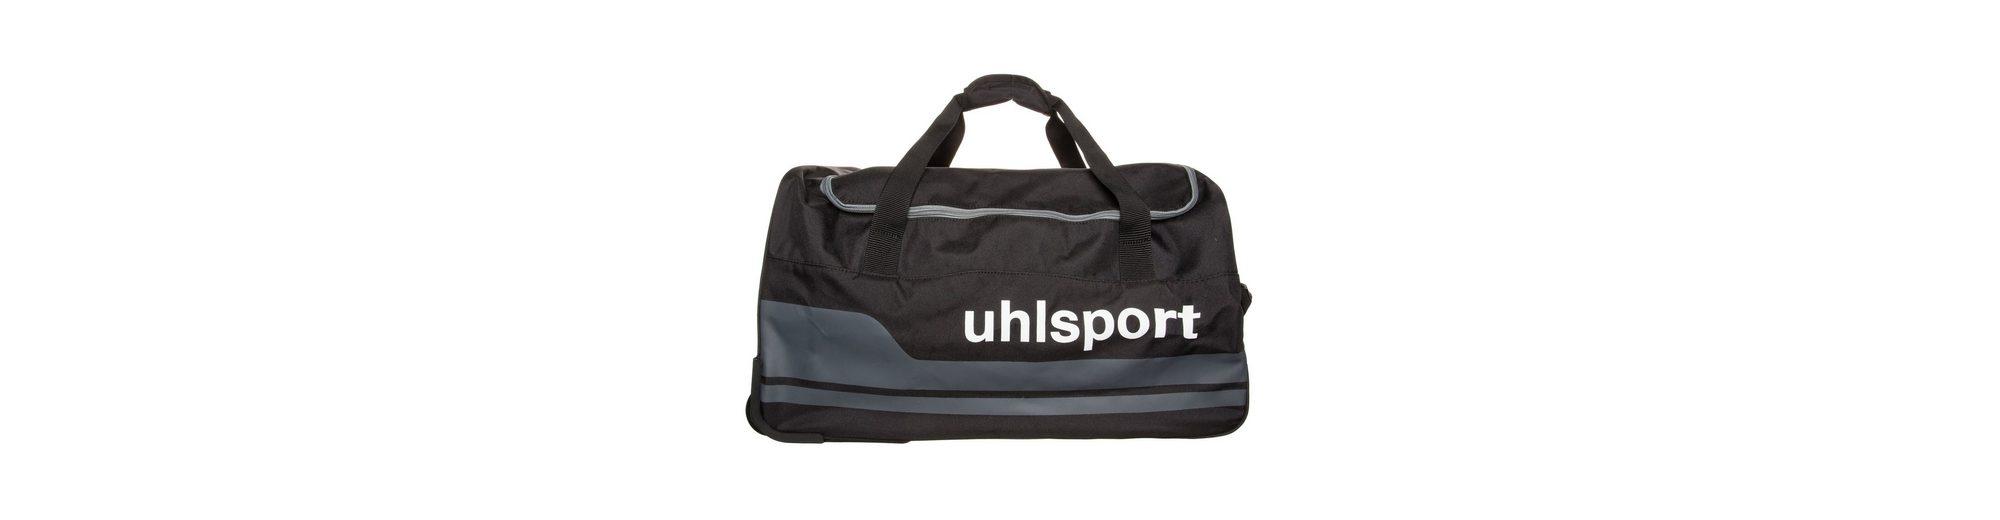 UHLSPORT Basic Line 2.0 60 L Travel Trolley